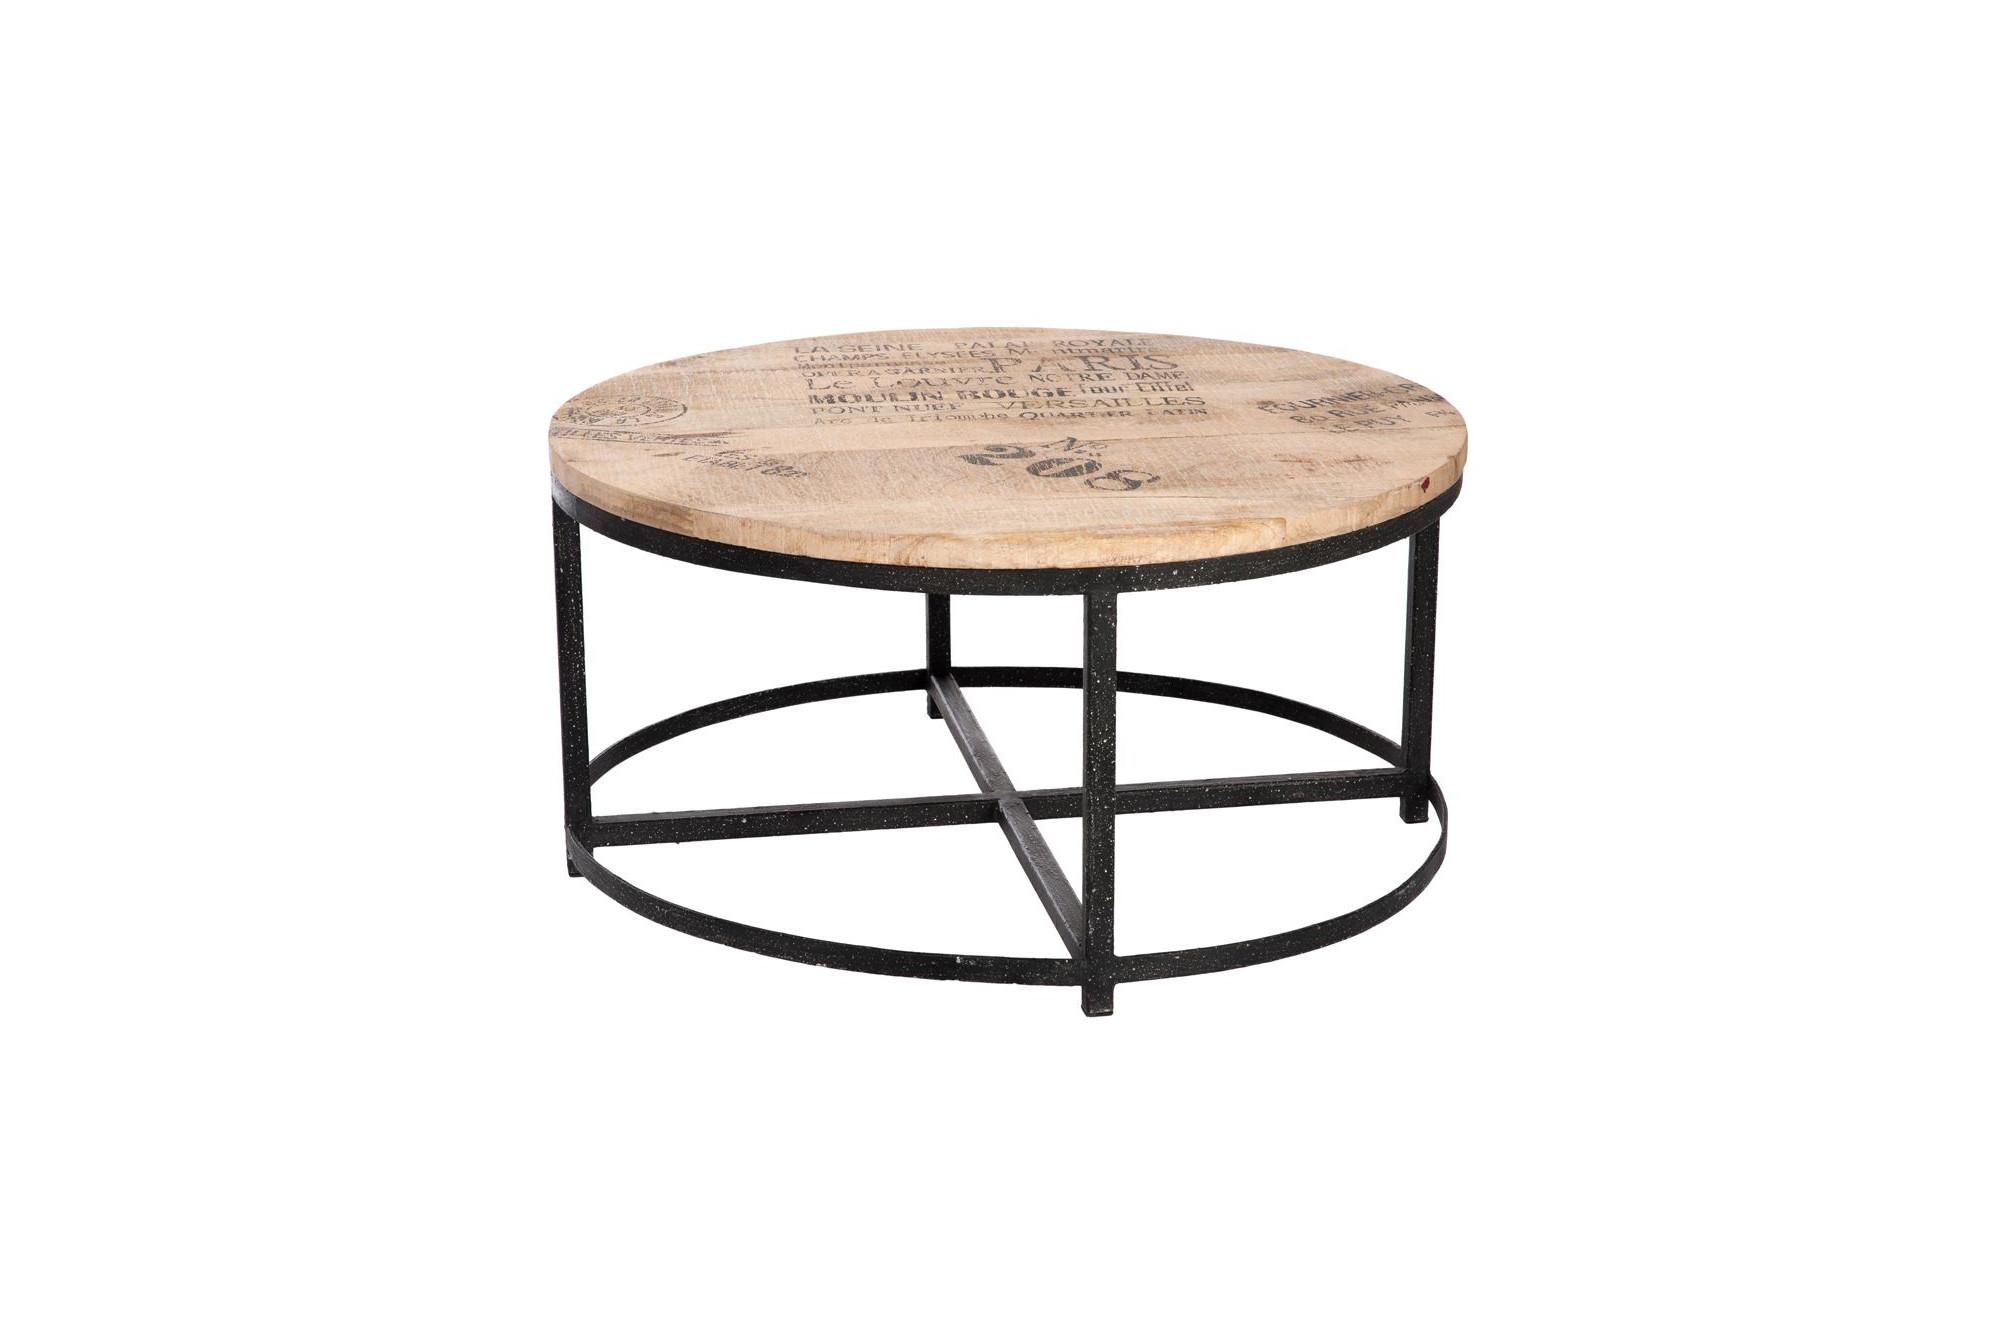 Table Basse Ronde Bois Metal Hellin